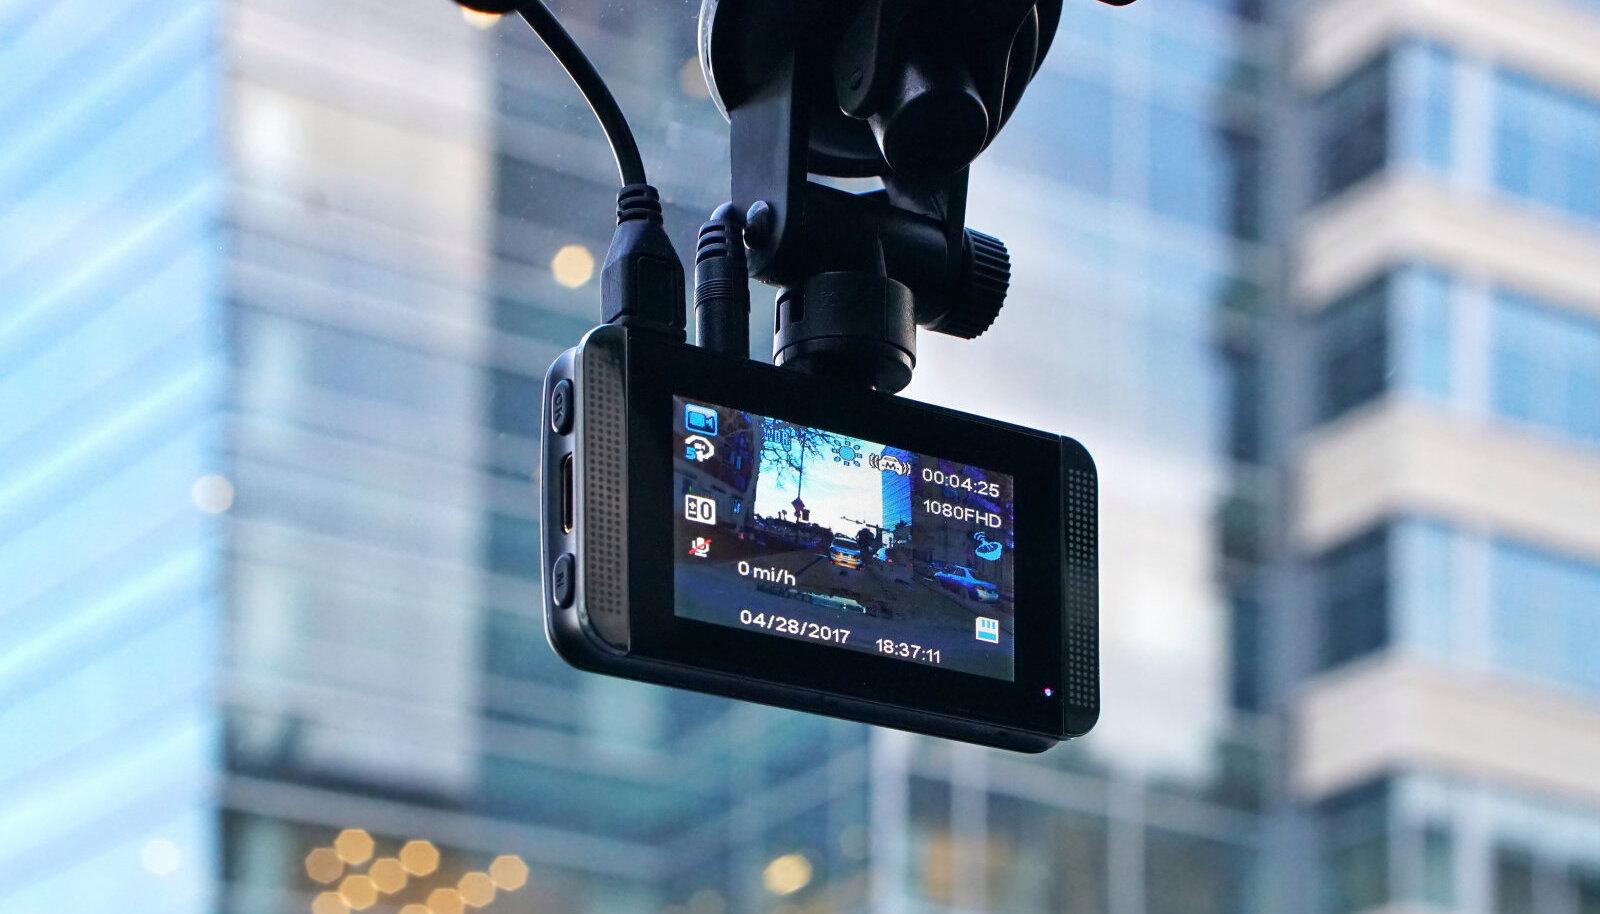 Kaamera kasulikkus sõltub kvaliteedist ja paigaldusest